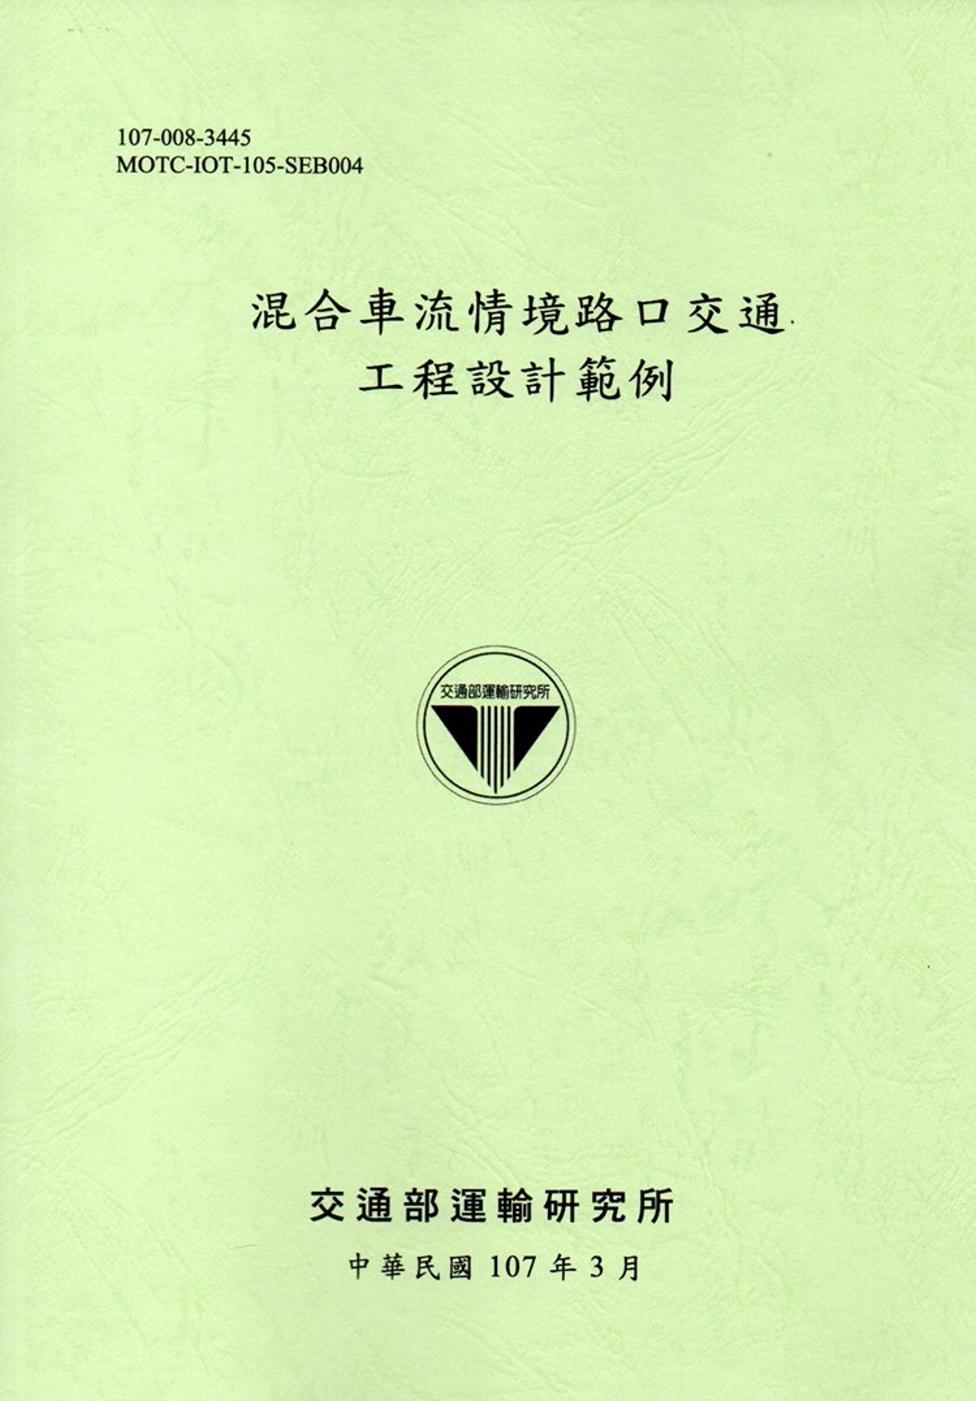 混合車流情境路口交通工程設計範例[107淺綠]